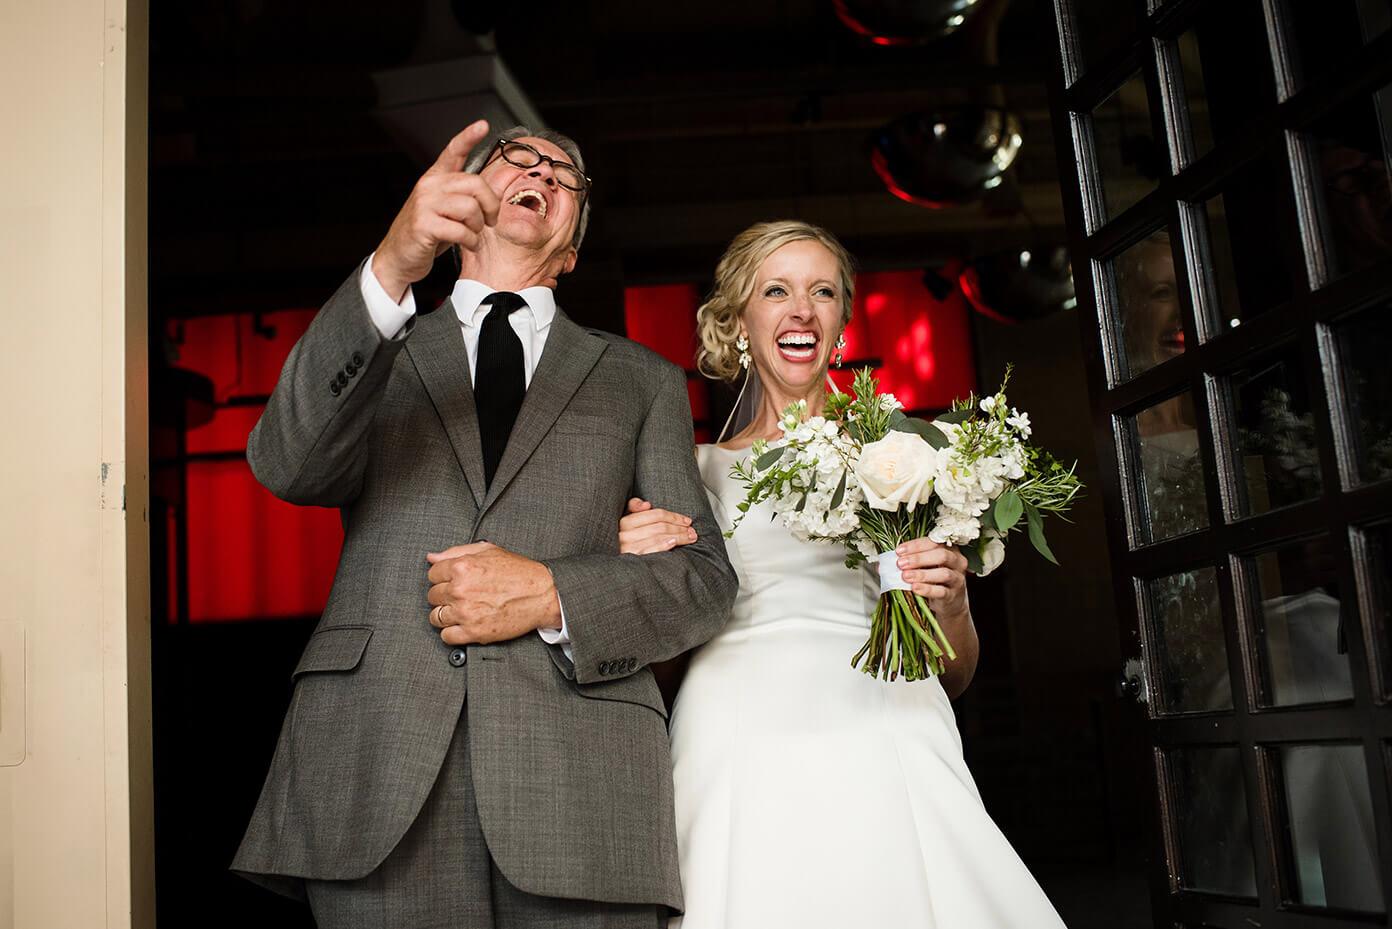 Our Wedding Ceremony | gimmesomeoven.com